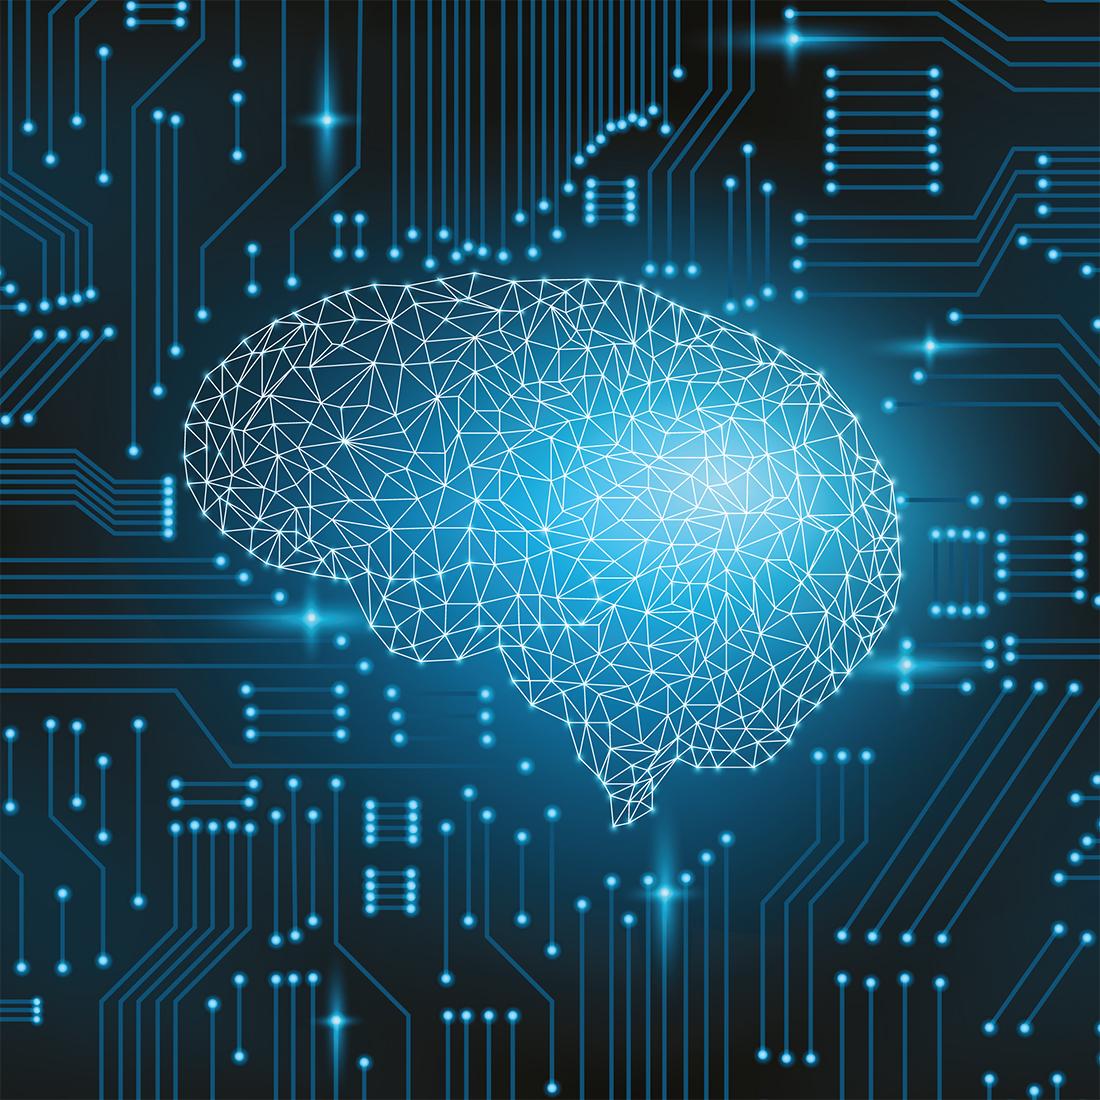 blaue technische Darstellung eines Gehirns, verdeutlichung des konzepts KI und ML